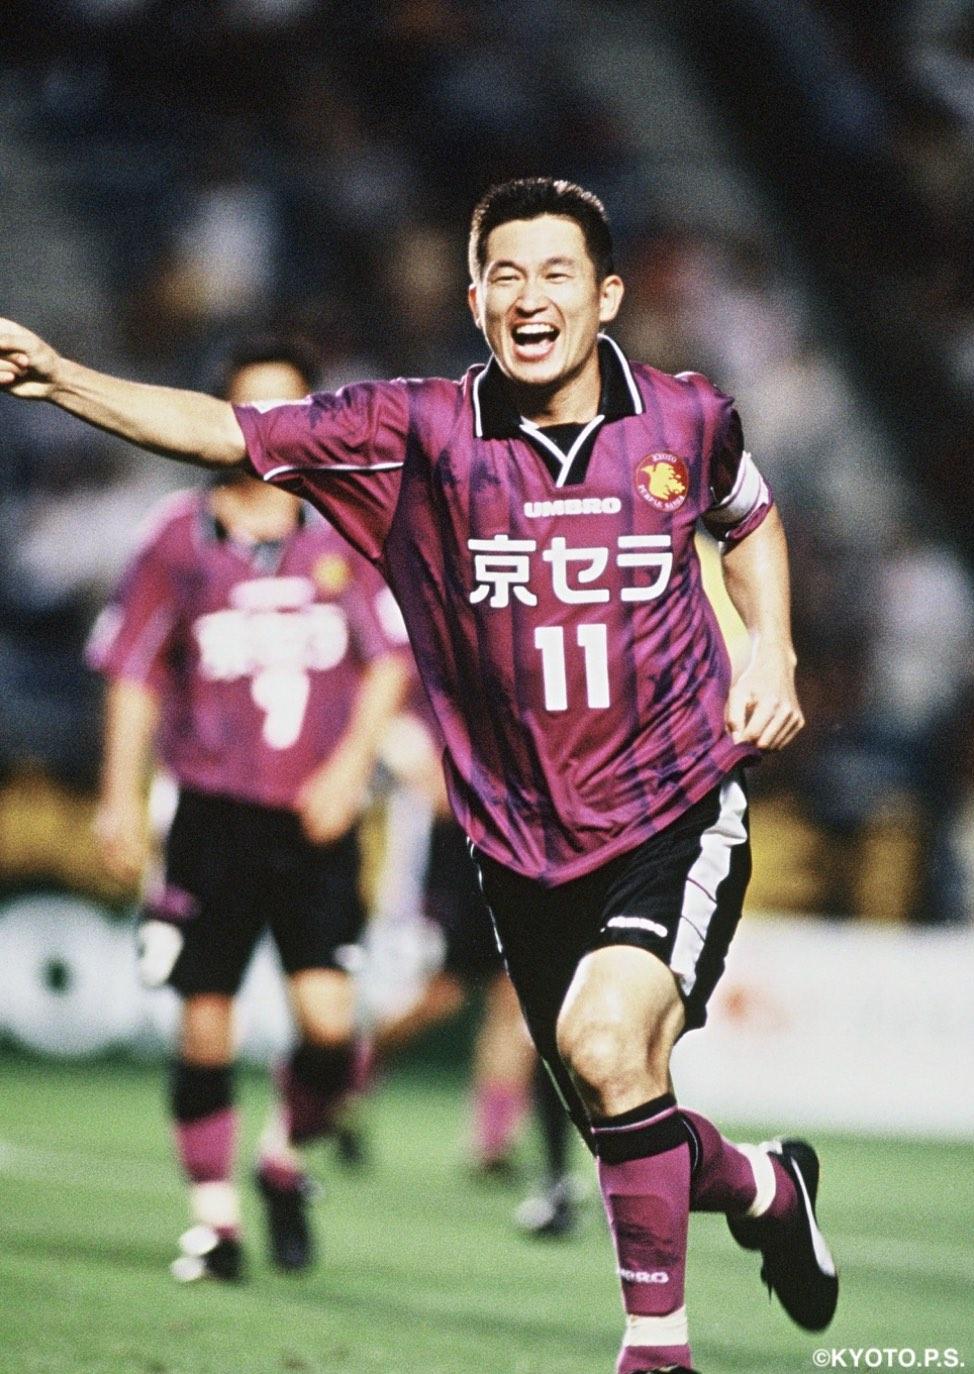 【公式】実使用・直筆サイン入「1999シーズン HOMEユニフォーム」11 三浦 知良